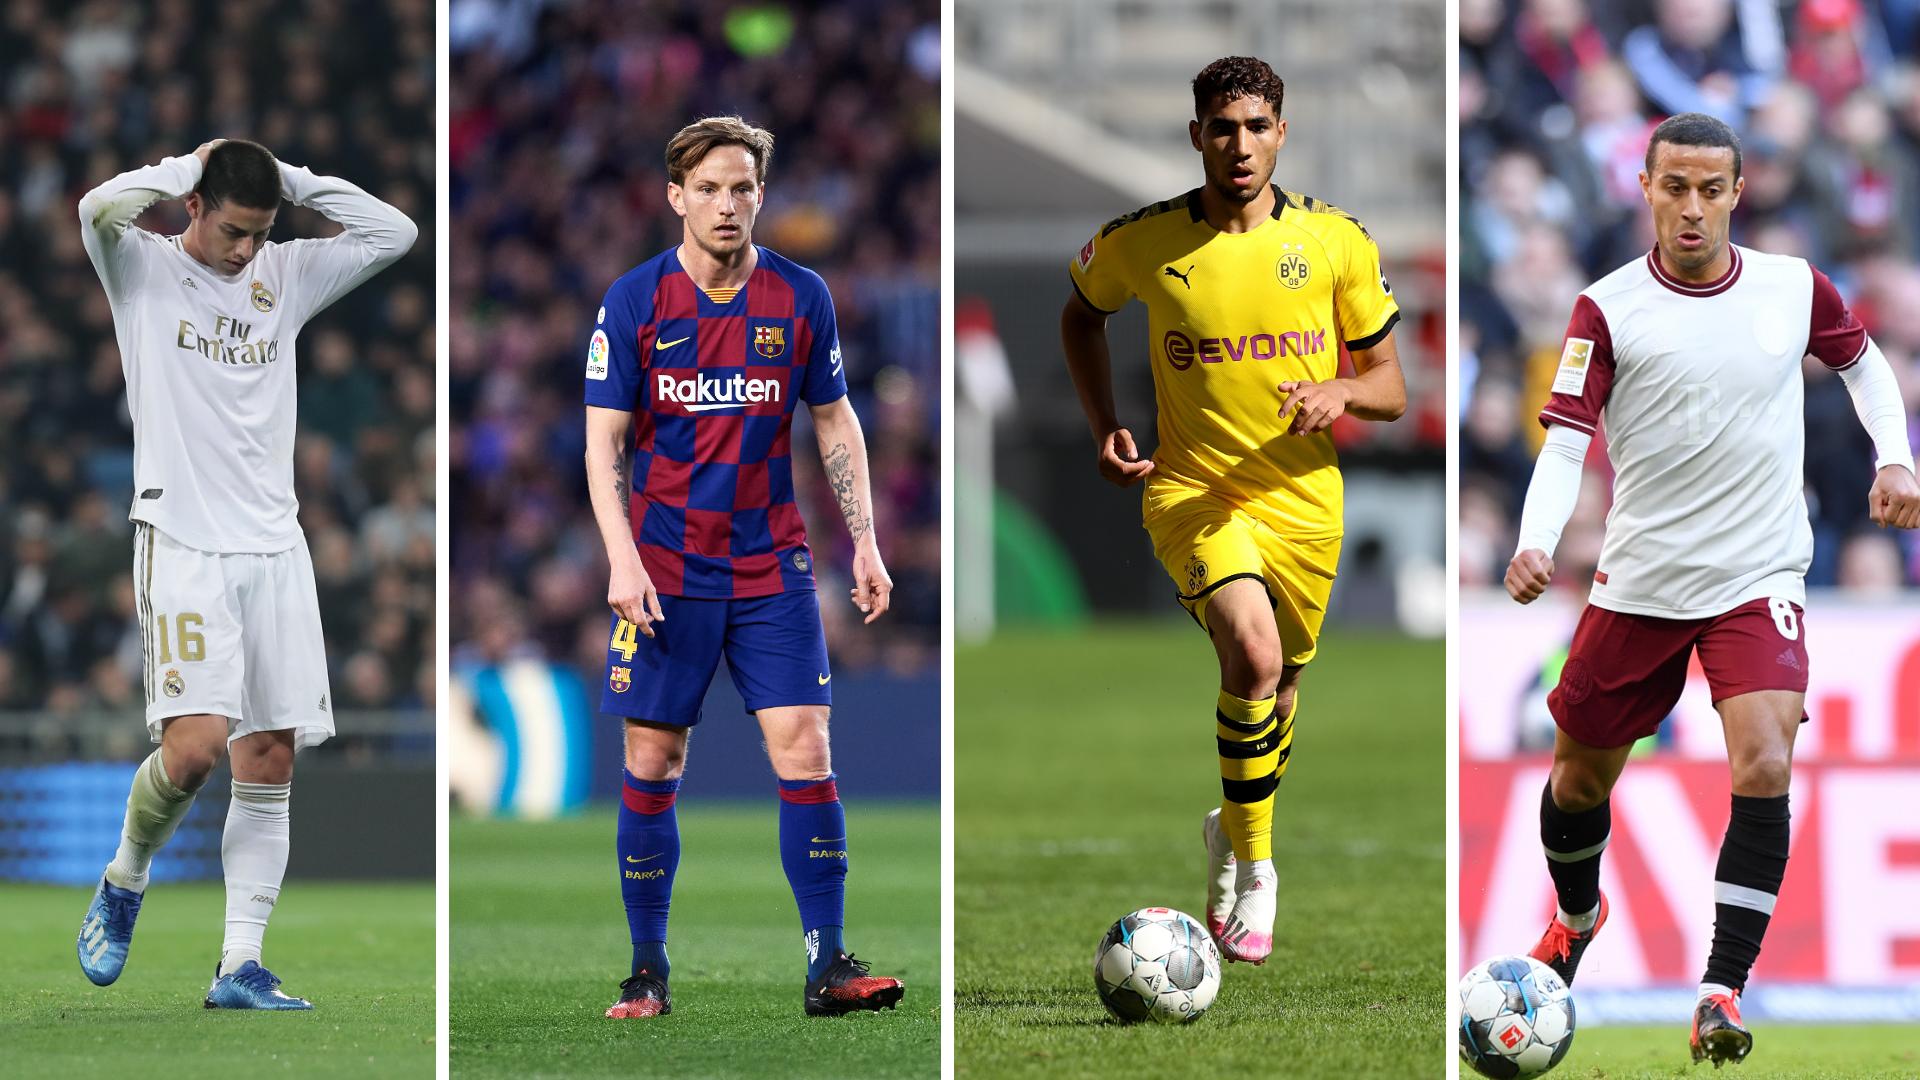 Villarreal anuncia el fichaje de Parejo